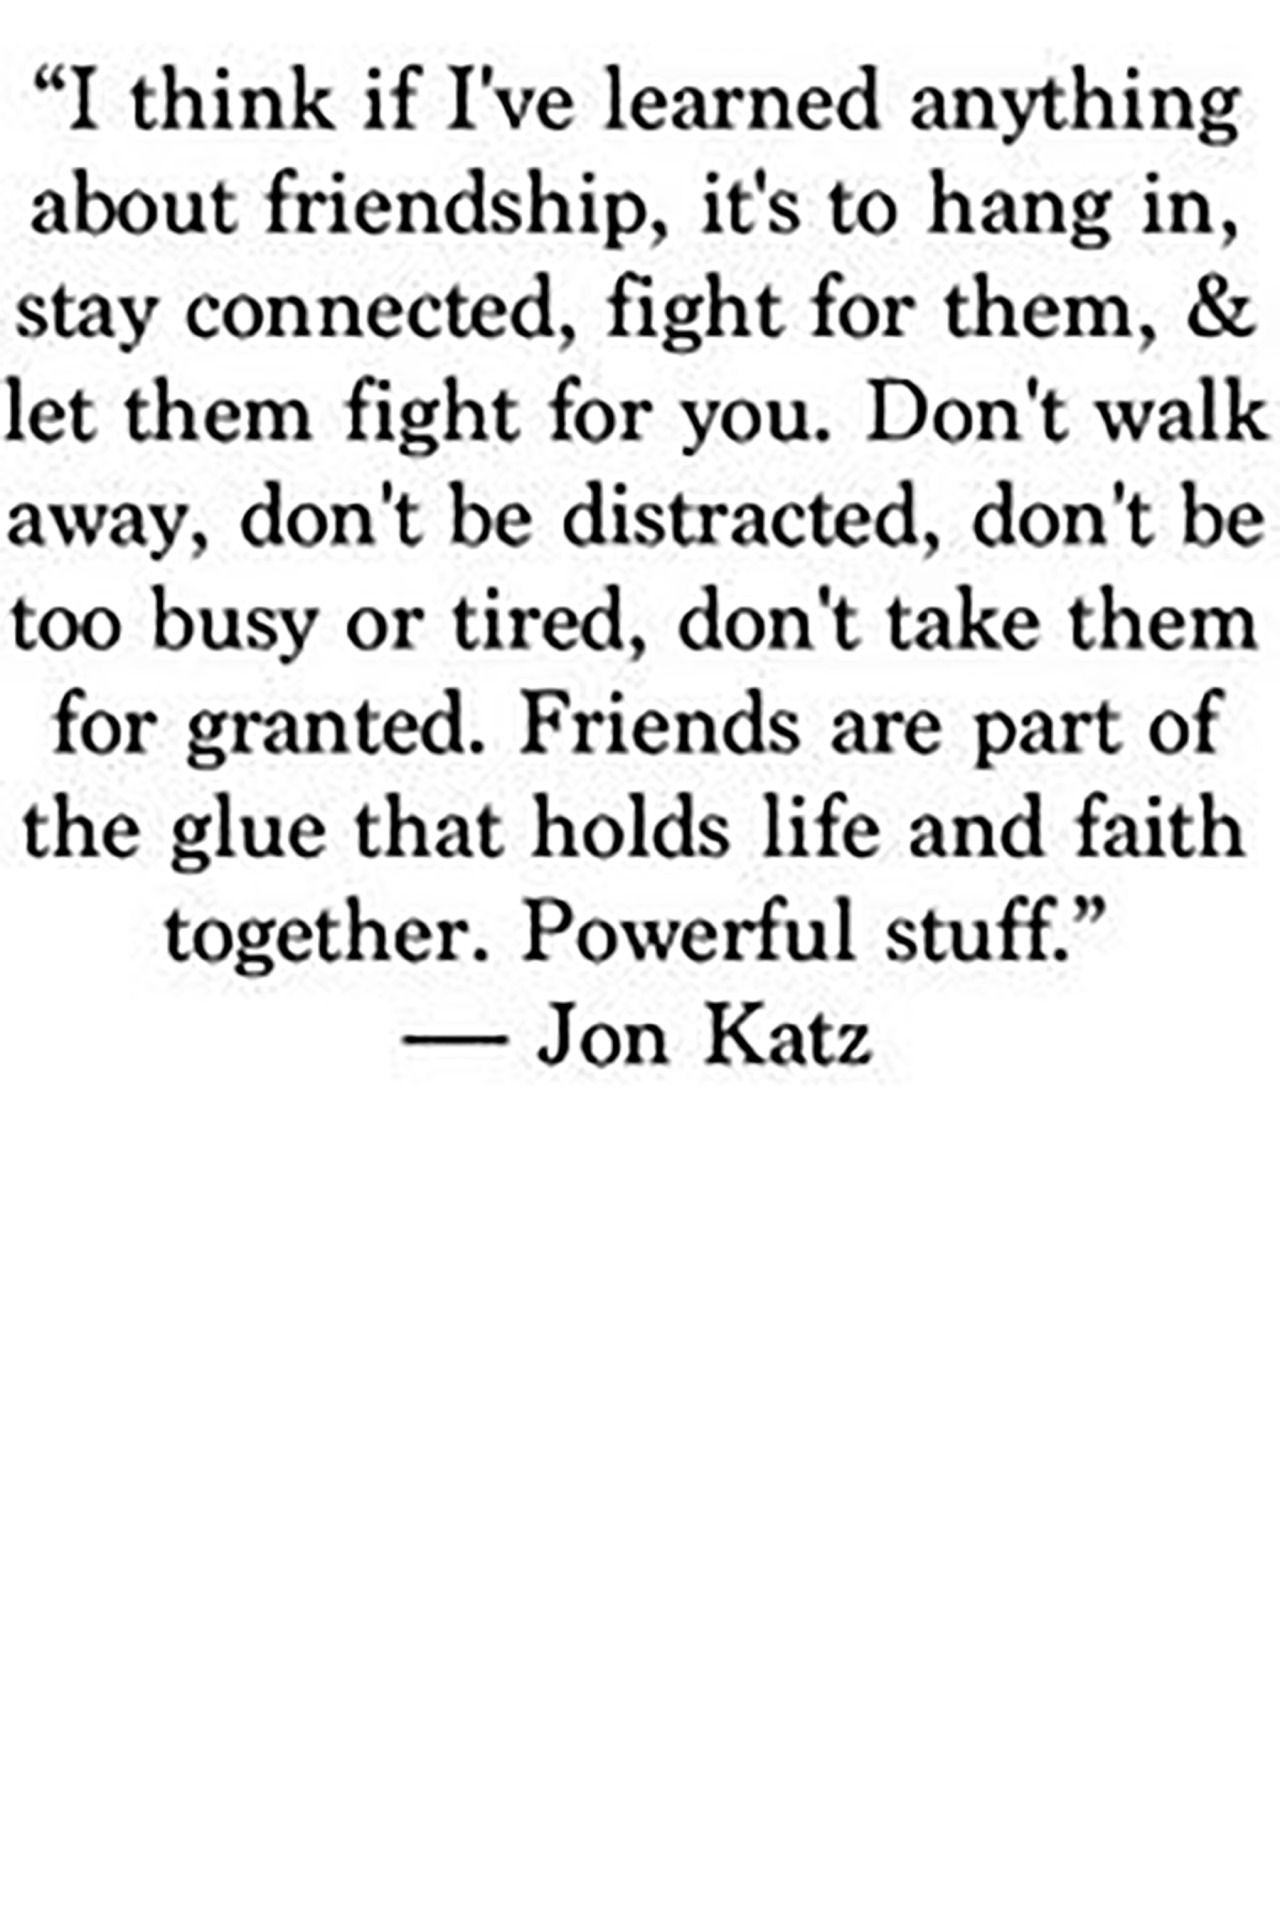 Lifelong Best Friend Quotes : lifelong, friend, quotes, Quotes,, Ecards,, Memes